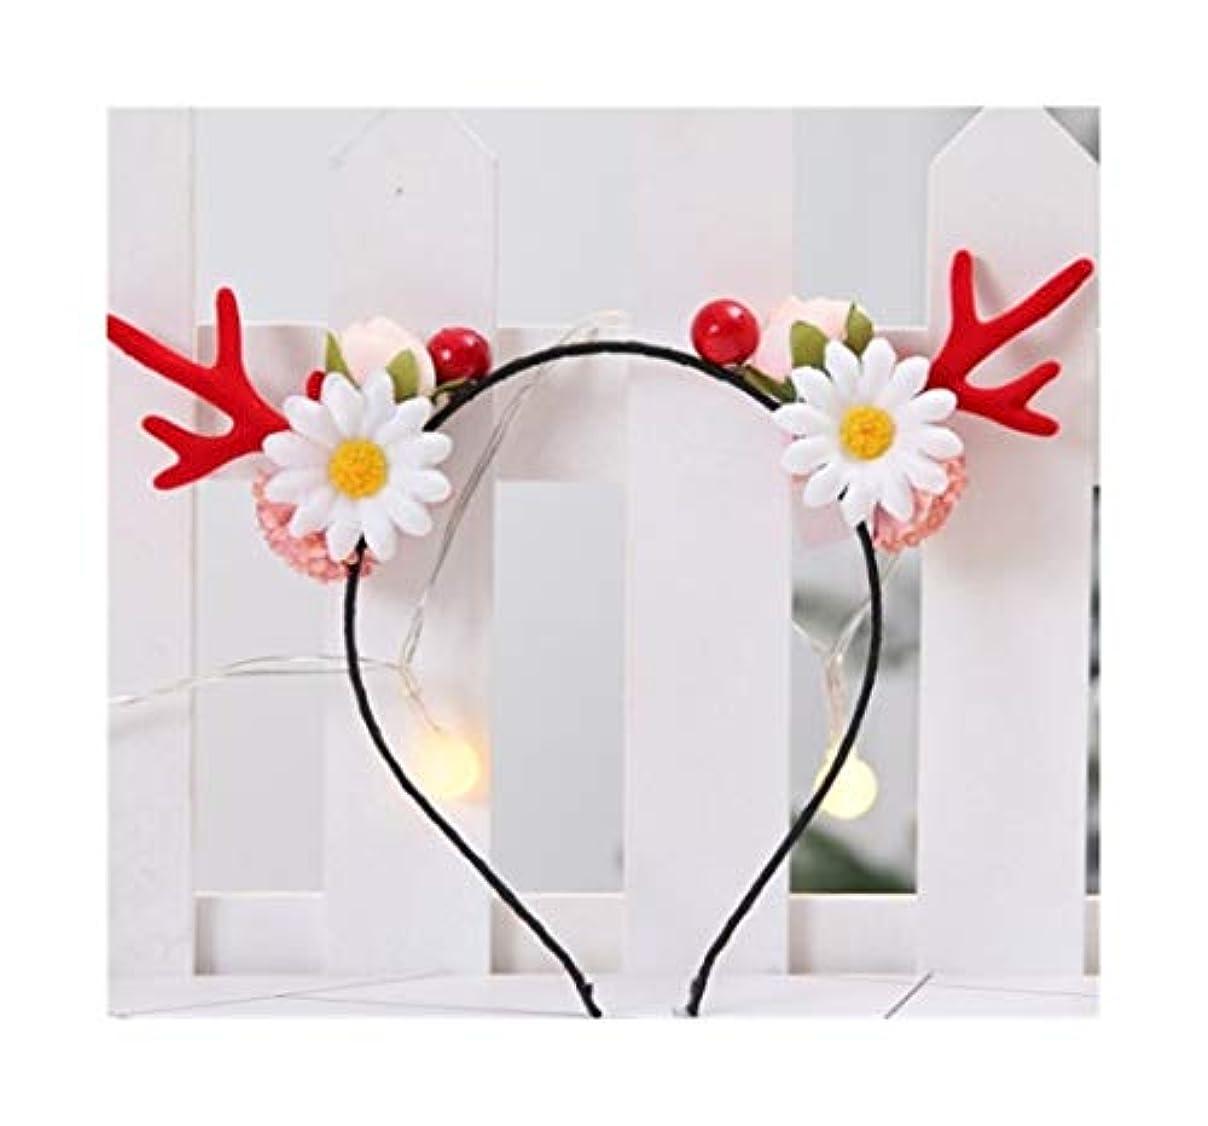 放つ定義する着替える同じ段落クリスマス枝角ヘアピン小さなクリップ大人面白いネット赤い髪カーソン女性のヘアアクセサリーヘラジカヘッドの装飾品赤い枝角の花のヘッドバンド